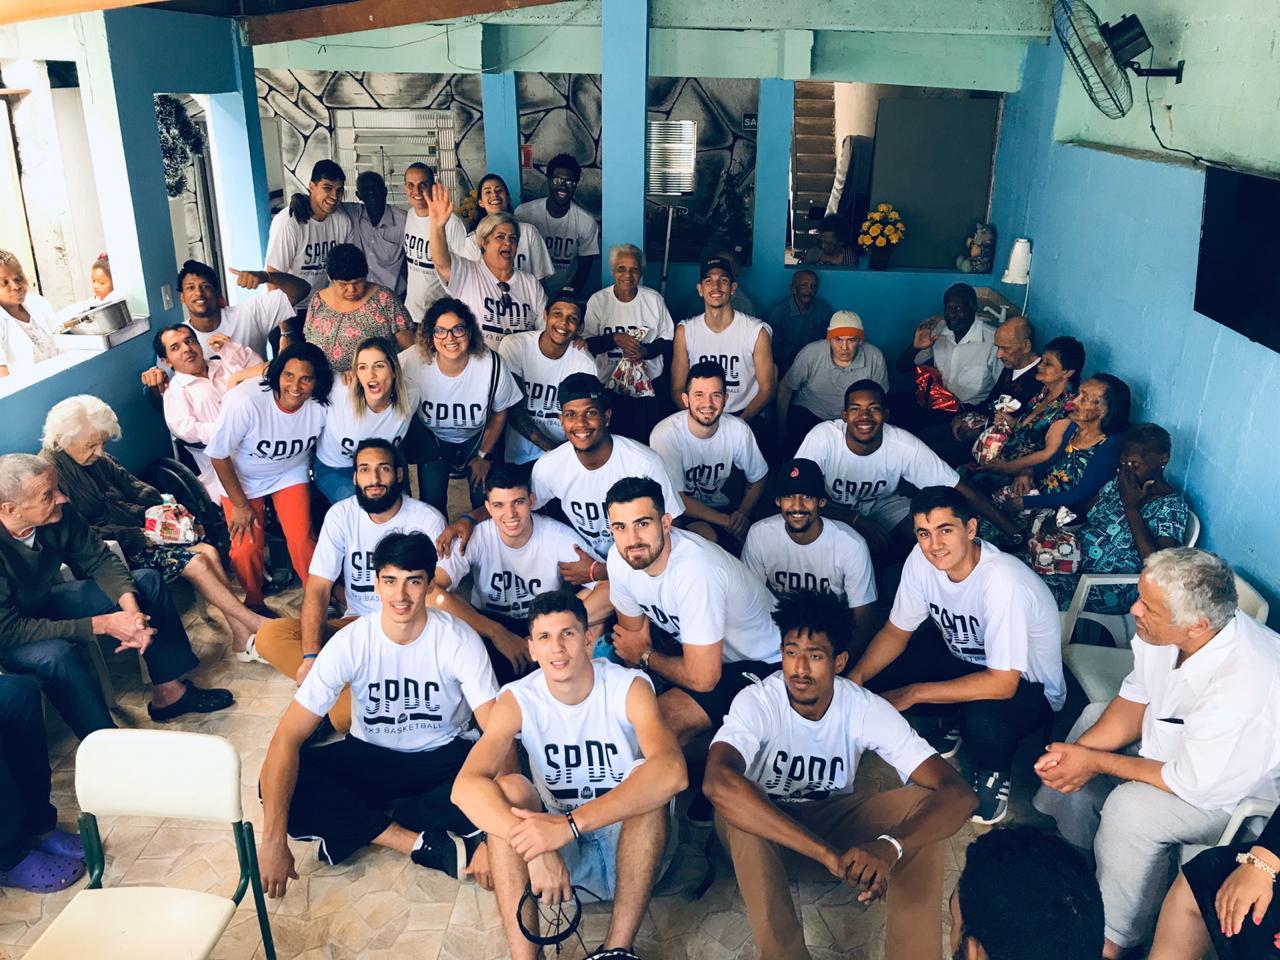 Foto: Divulgação/SPDC